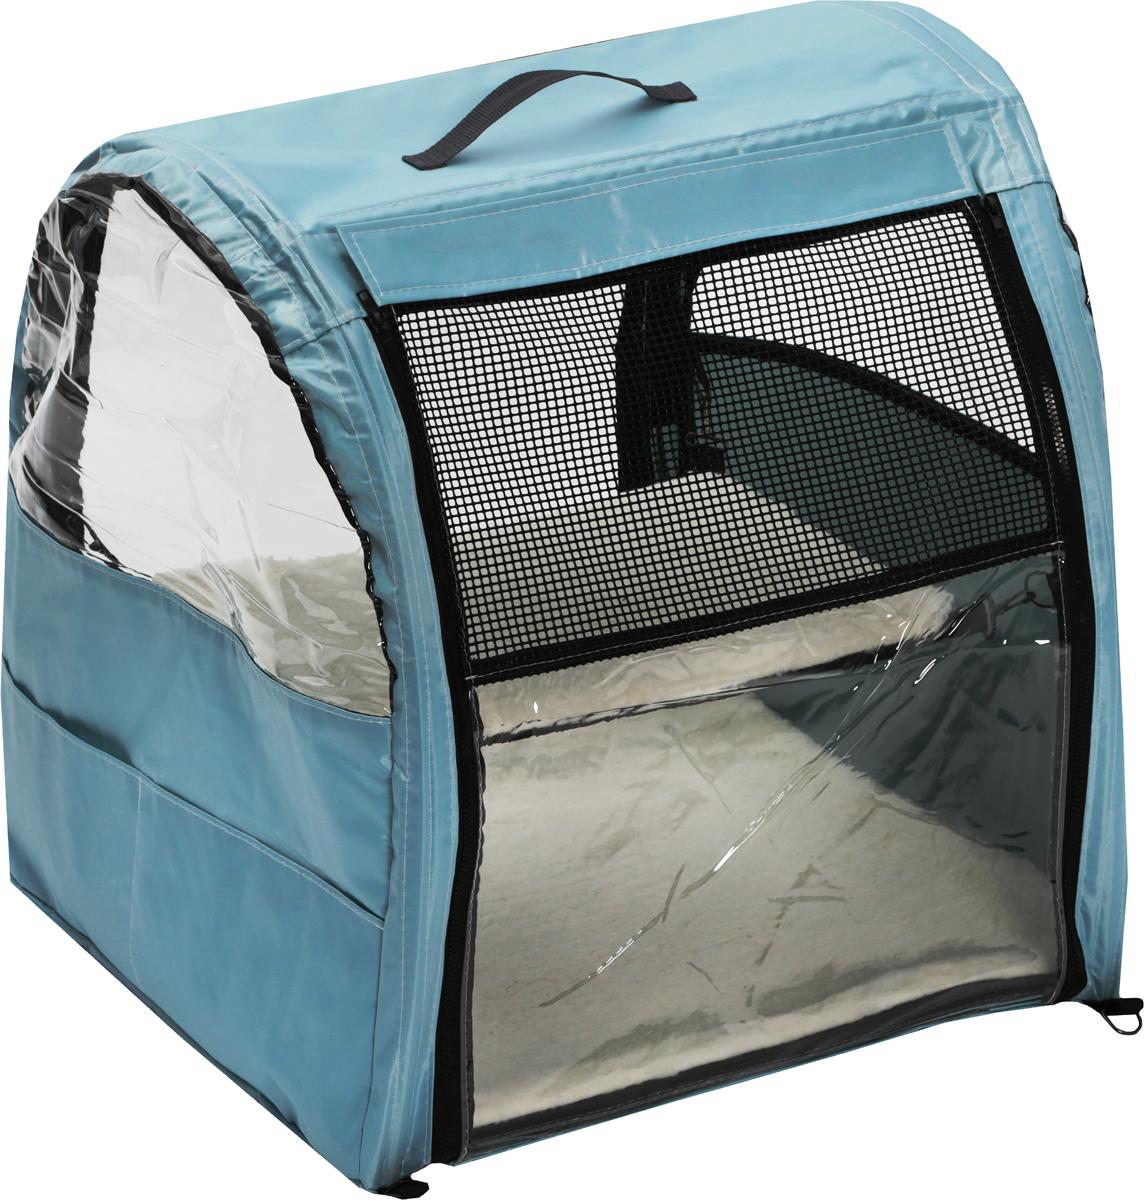 Клетка-палатка для животных Заря-Плюс, выставочная, с чехлом, цвет: нежно-голубой, 51 х 58 х 55 смКВП1нгПалатки для выставок Заря-Плюс продуманы таким образом, чтобы вам было максимально удобно участвовать в выставках: - палатка имеет полукруглую форму за счет встроенного каркаса из дуг;- собирается круговым движением легко и просто; на выставке вы самостоятельно соберете и разберете палатку за считанные минуты;- лицевая сторона палатки выполнена из пленки, которая может полностью отстегиваться;- обратная сторона палатки выполнена наполовину из сетки, наполовину из пленки; также может полностью отстегиваться;- боковые стенки выполнены наполовину из пленки, благодаря чему палатка становится очень светлой.И вы сможете в максимально выгодном свете представить на выставке своих питомцев.- с двух сторон палатки имеются вместительные карманы, куда вы можете положить все необходимое для участия в выставке;- в собранном виде палатка довольно компактна, при хранении занимает мало места;- палатка переносится в чехле, который входит в комплект;- для удобной переноски чехол имеет короткую и длинную ручки; чехол имеет один большой карман на молнии; В комплект входит меховой матрац и гамак.